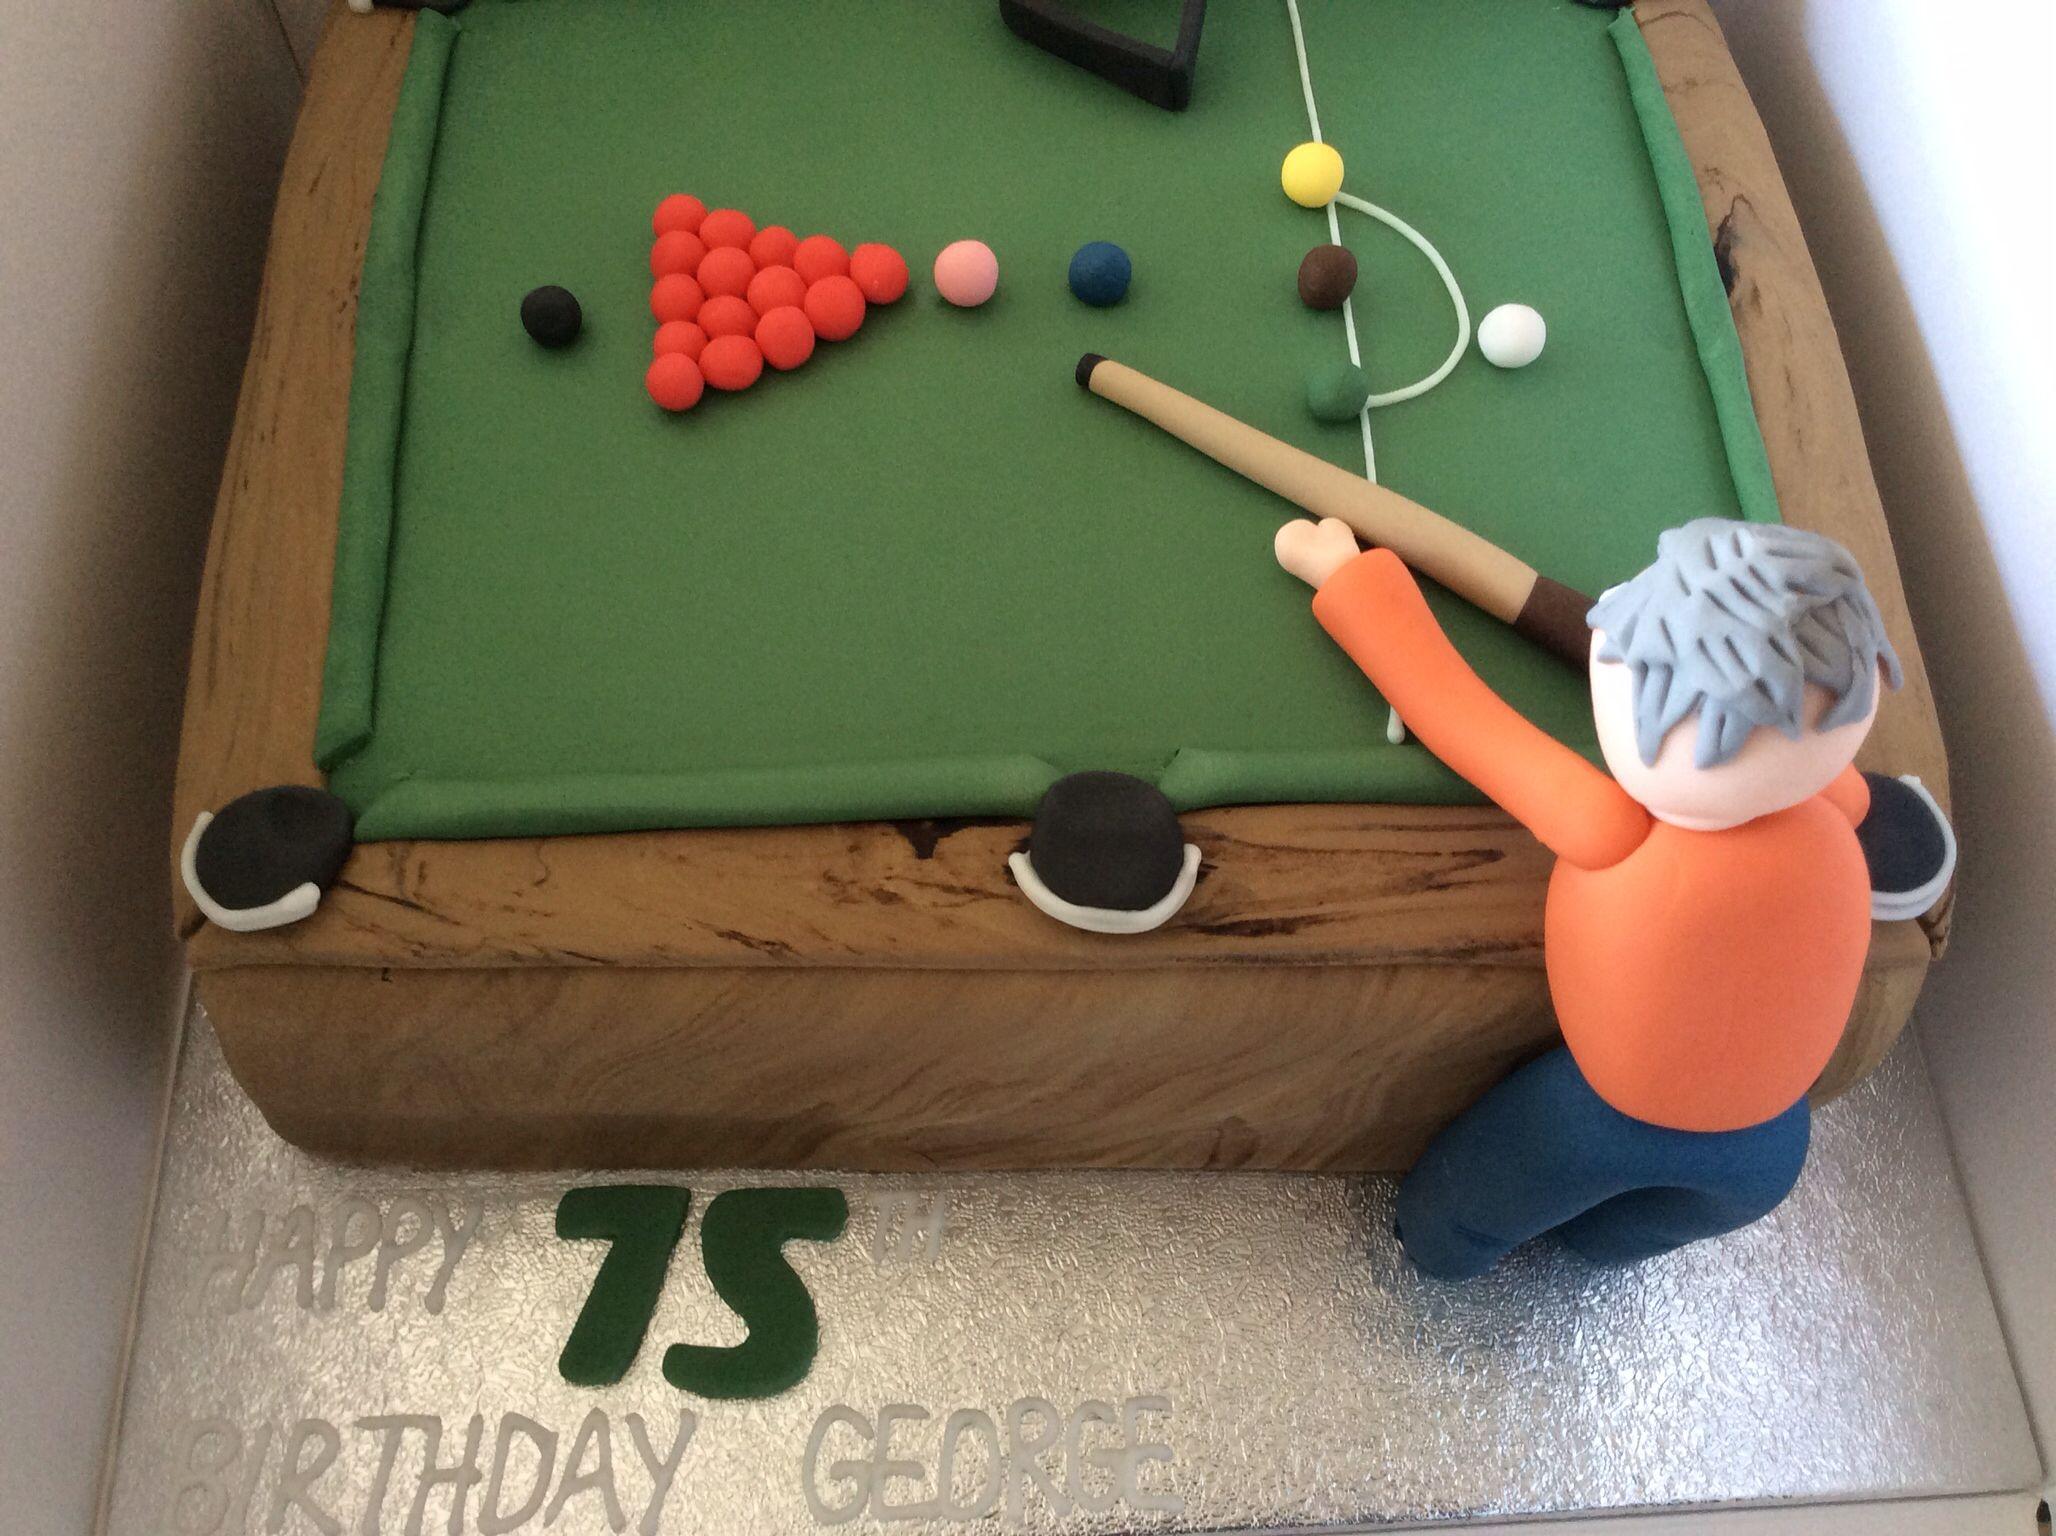 Snooker Cake Chittys Themed Cakes Pinterest Cake Themed